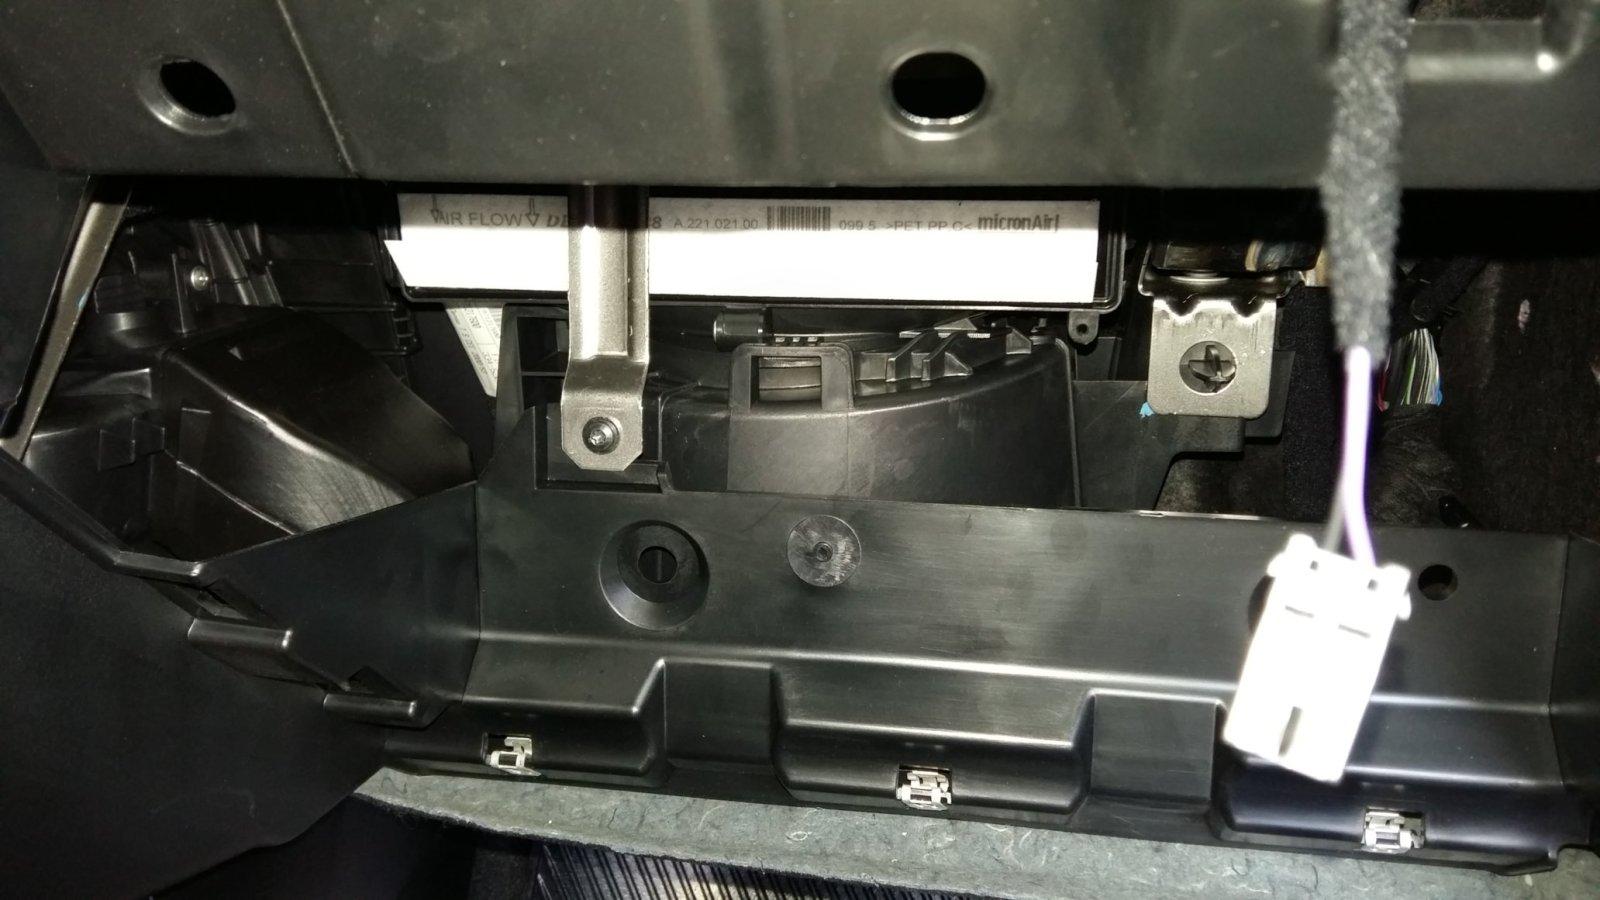 Troca do filtro do ar condicionado anti-pólen (cabine) 2191gfl